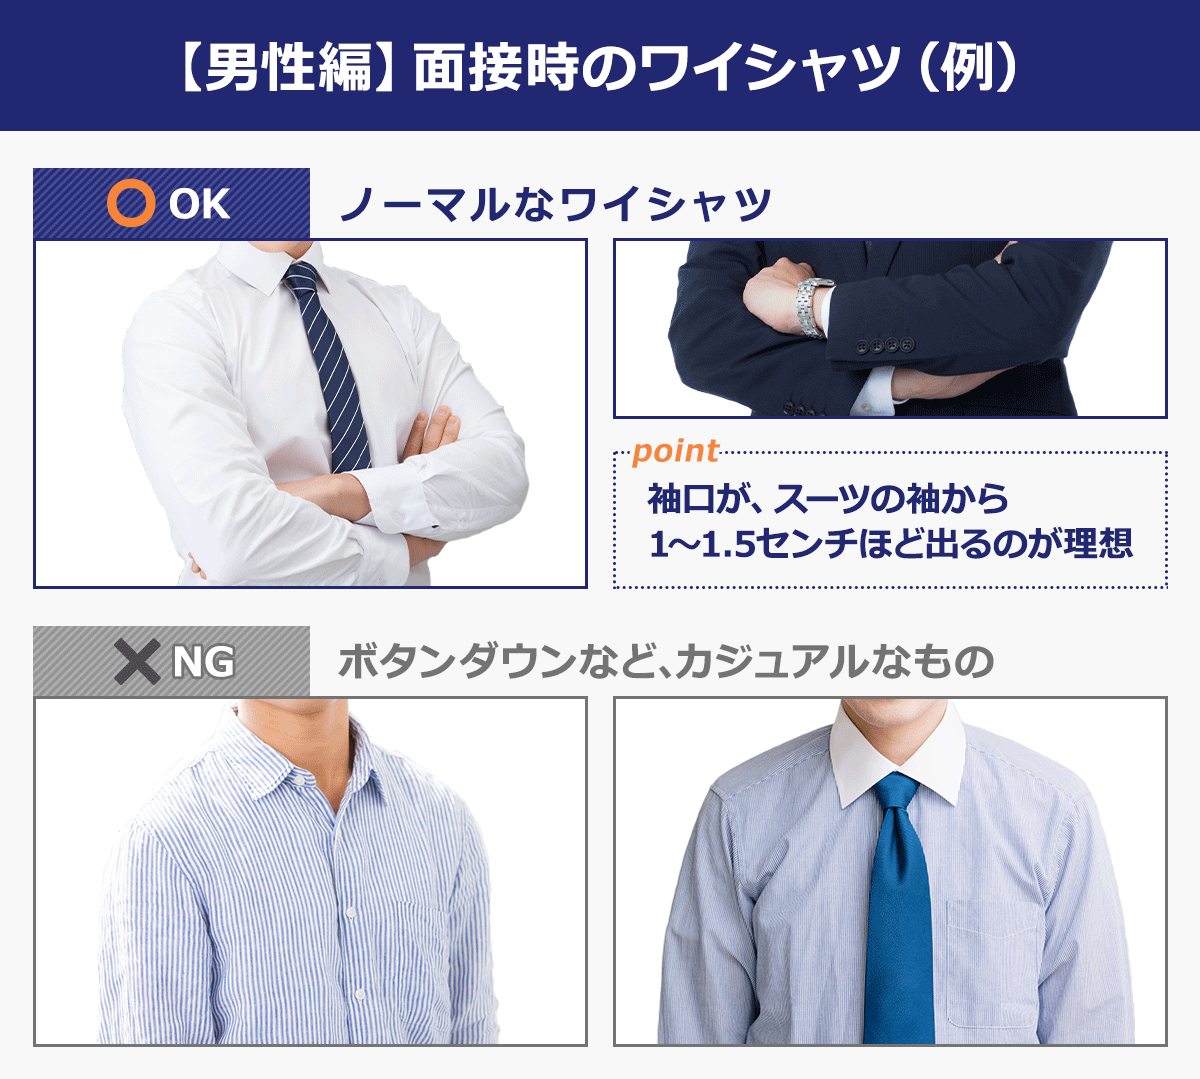 【男性編】面接時のワイシャツ(例)OK…ノーマルなワイシャツ。ポイント→袖口が、スーツの袖から1~1.5cmほど出るのが理想。NG…ボタンダウンなど、カジュアルなもの。